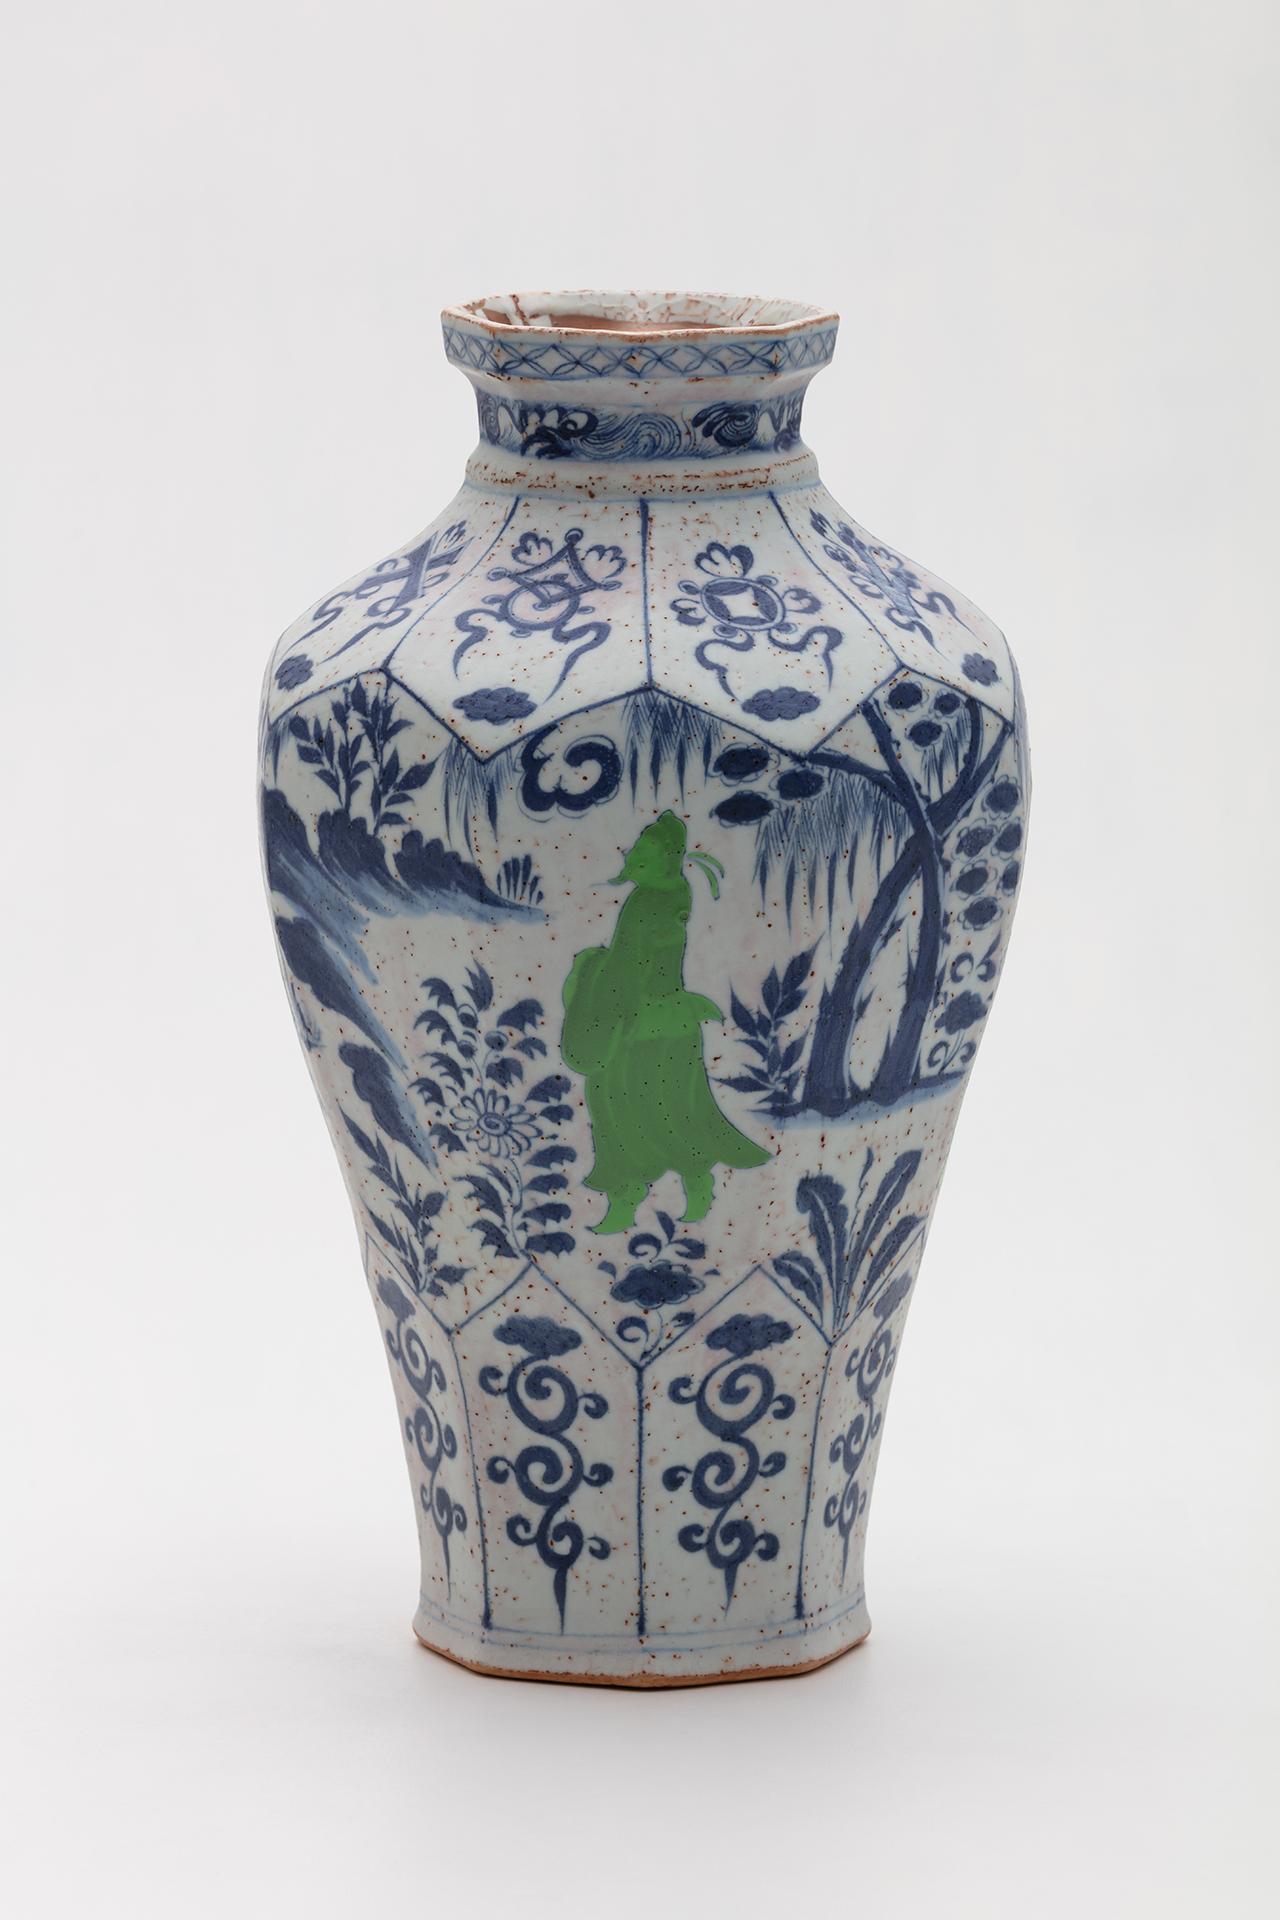 Yoo Eui Jeong / CM-001 / Ceramic, Glaze / 25x25x44(h)cm